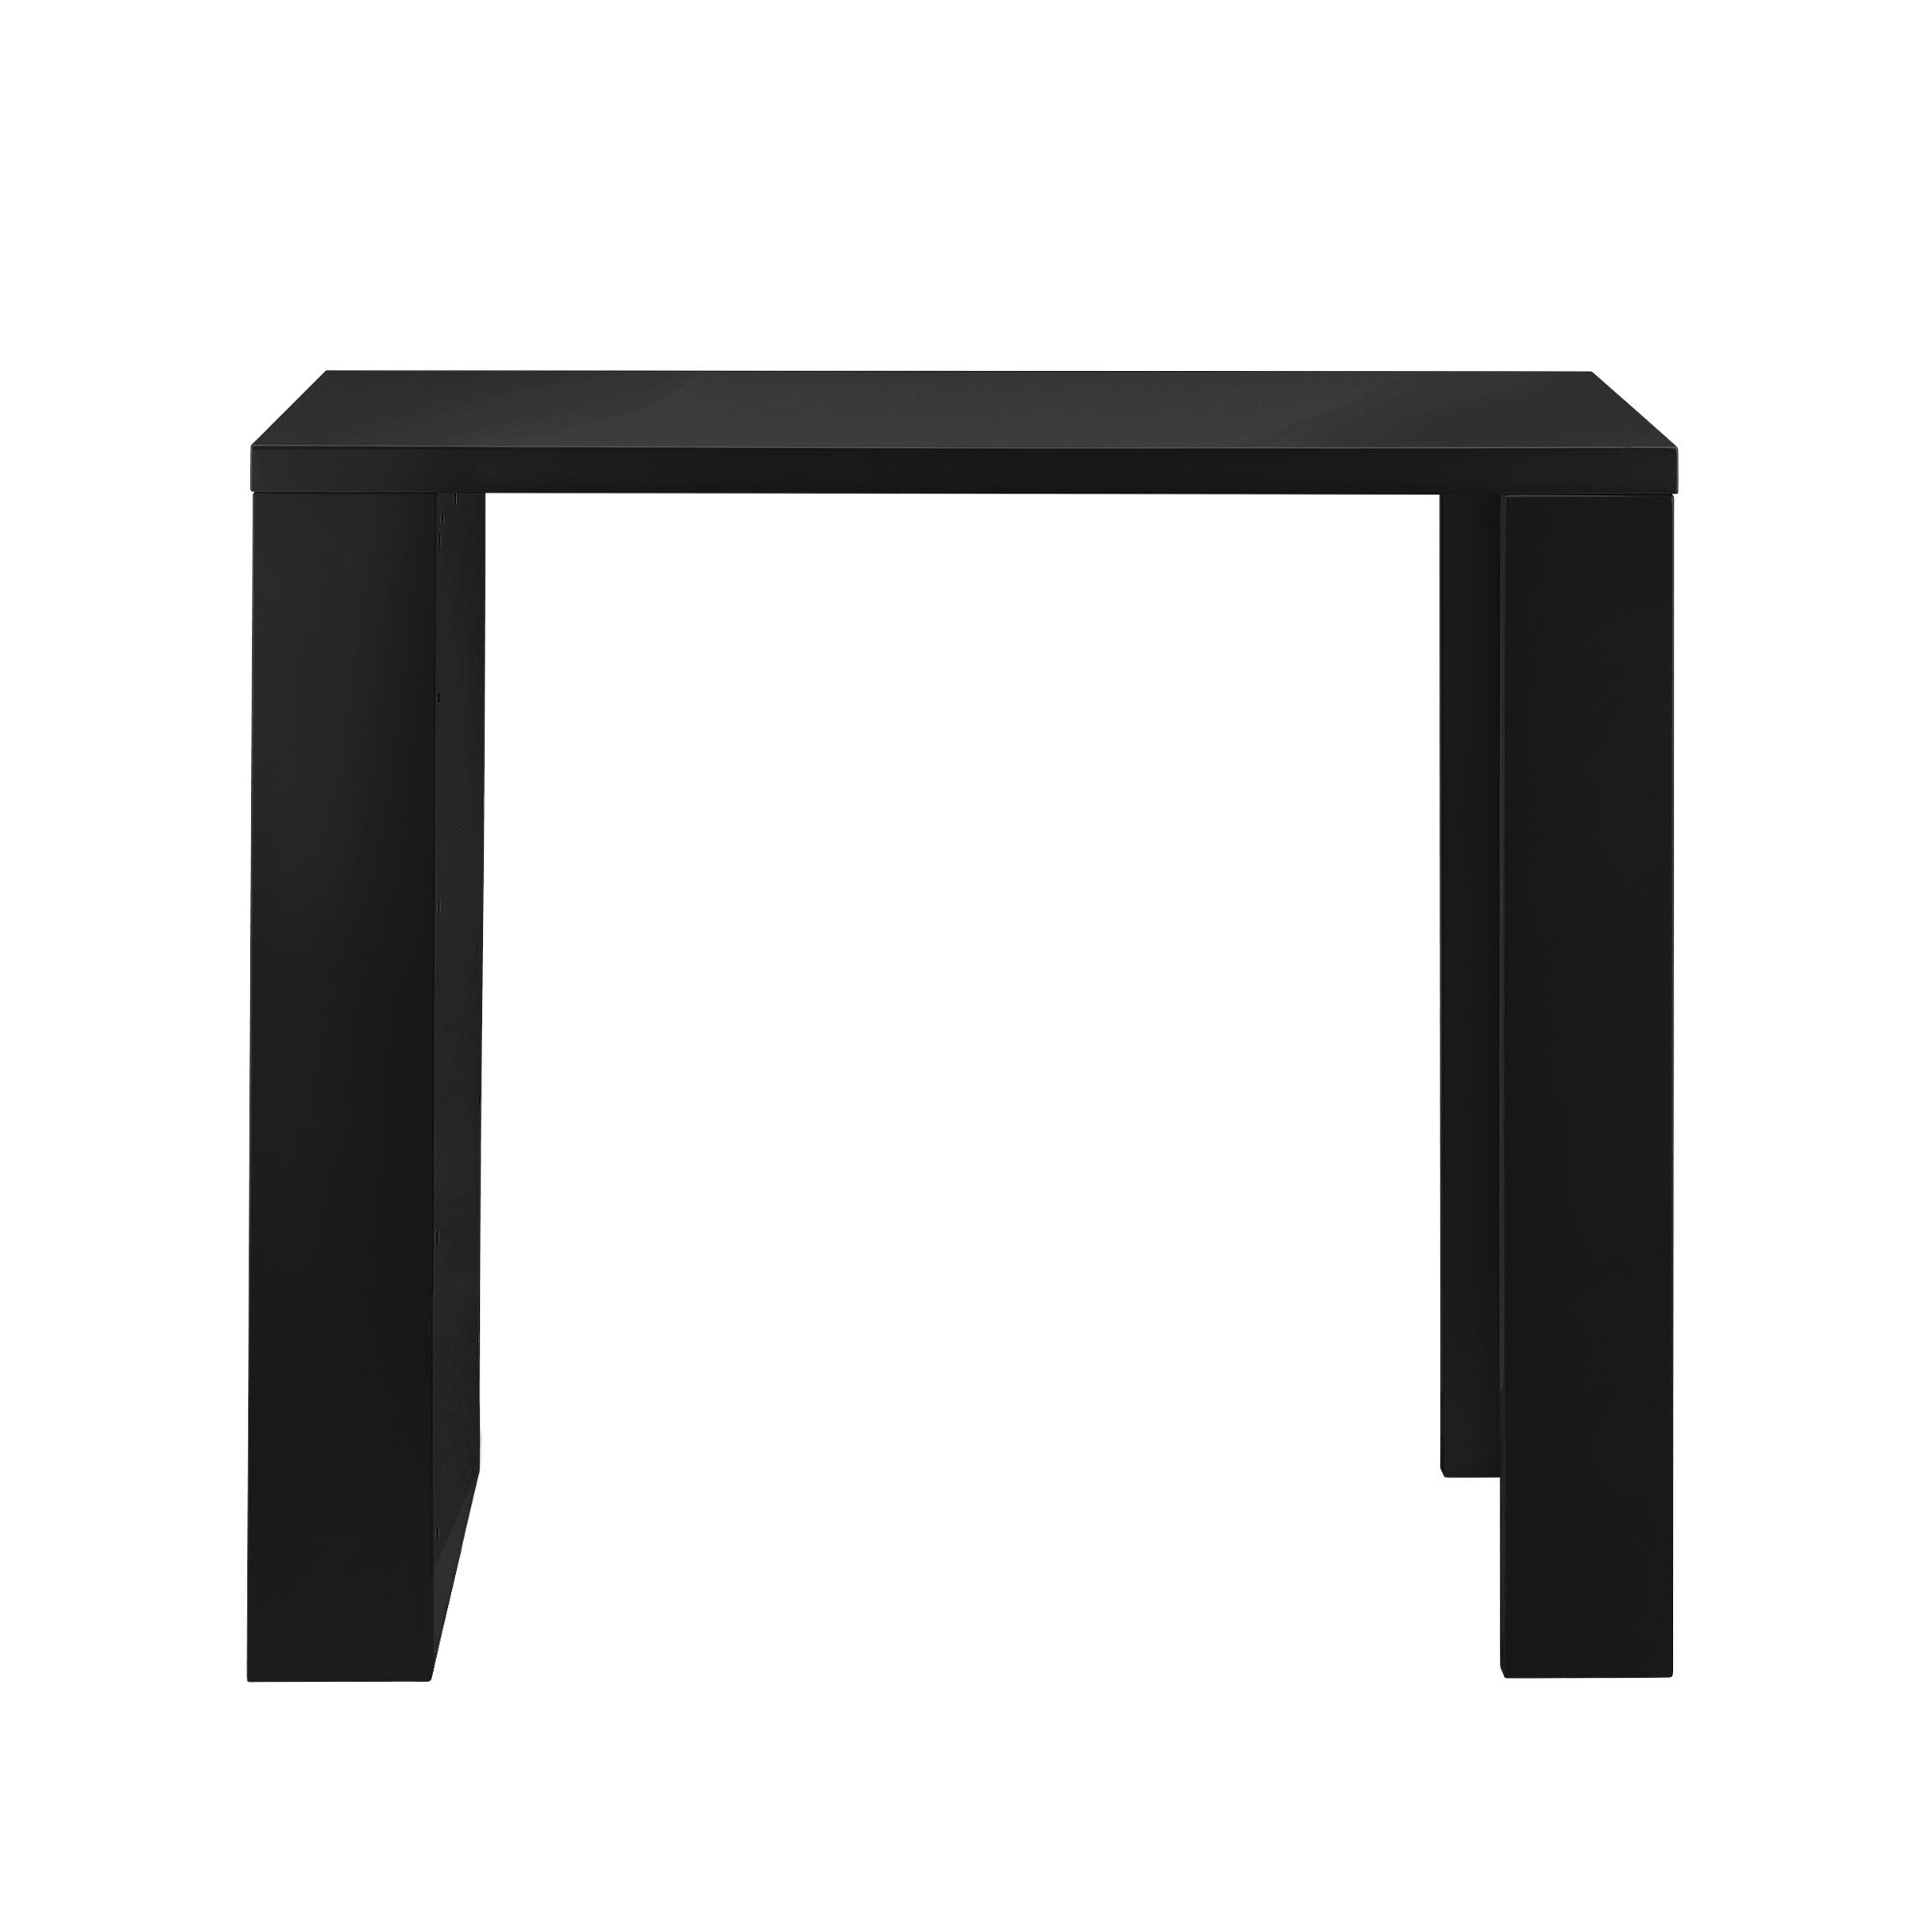 bartheke schwarz bartresen bartisch stehtisch theke tresen bar hausbar ebay. Black Bedroom Furniture Sets. Home Design Ideas